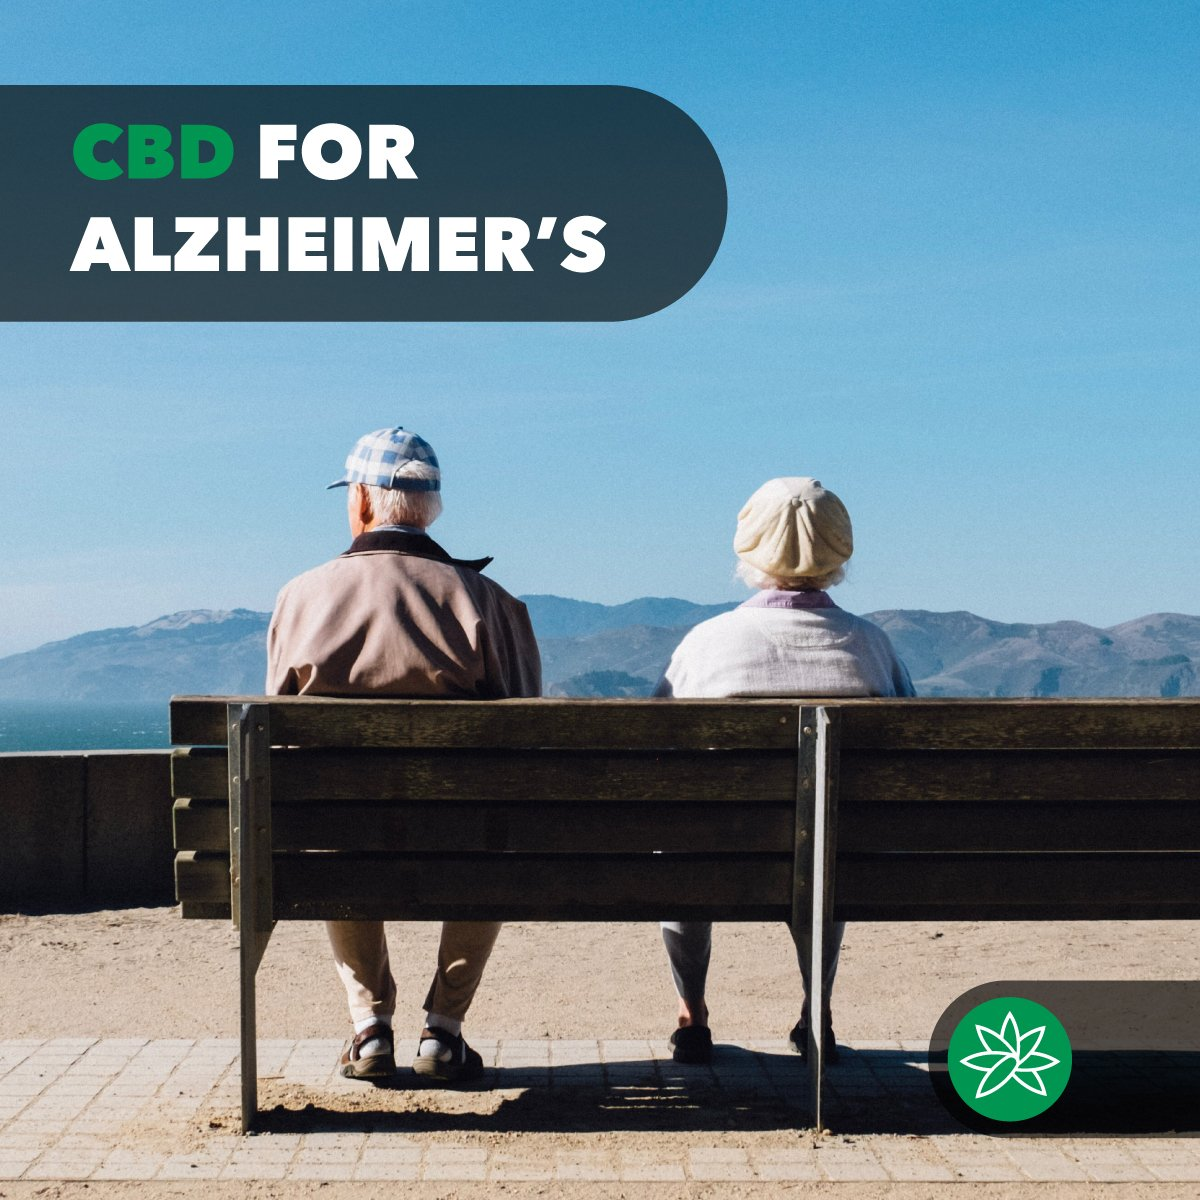 CBD for alzheimer's